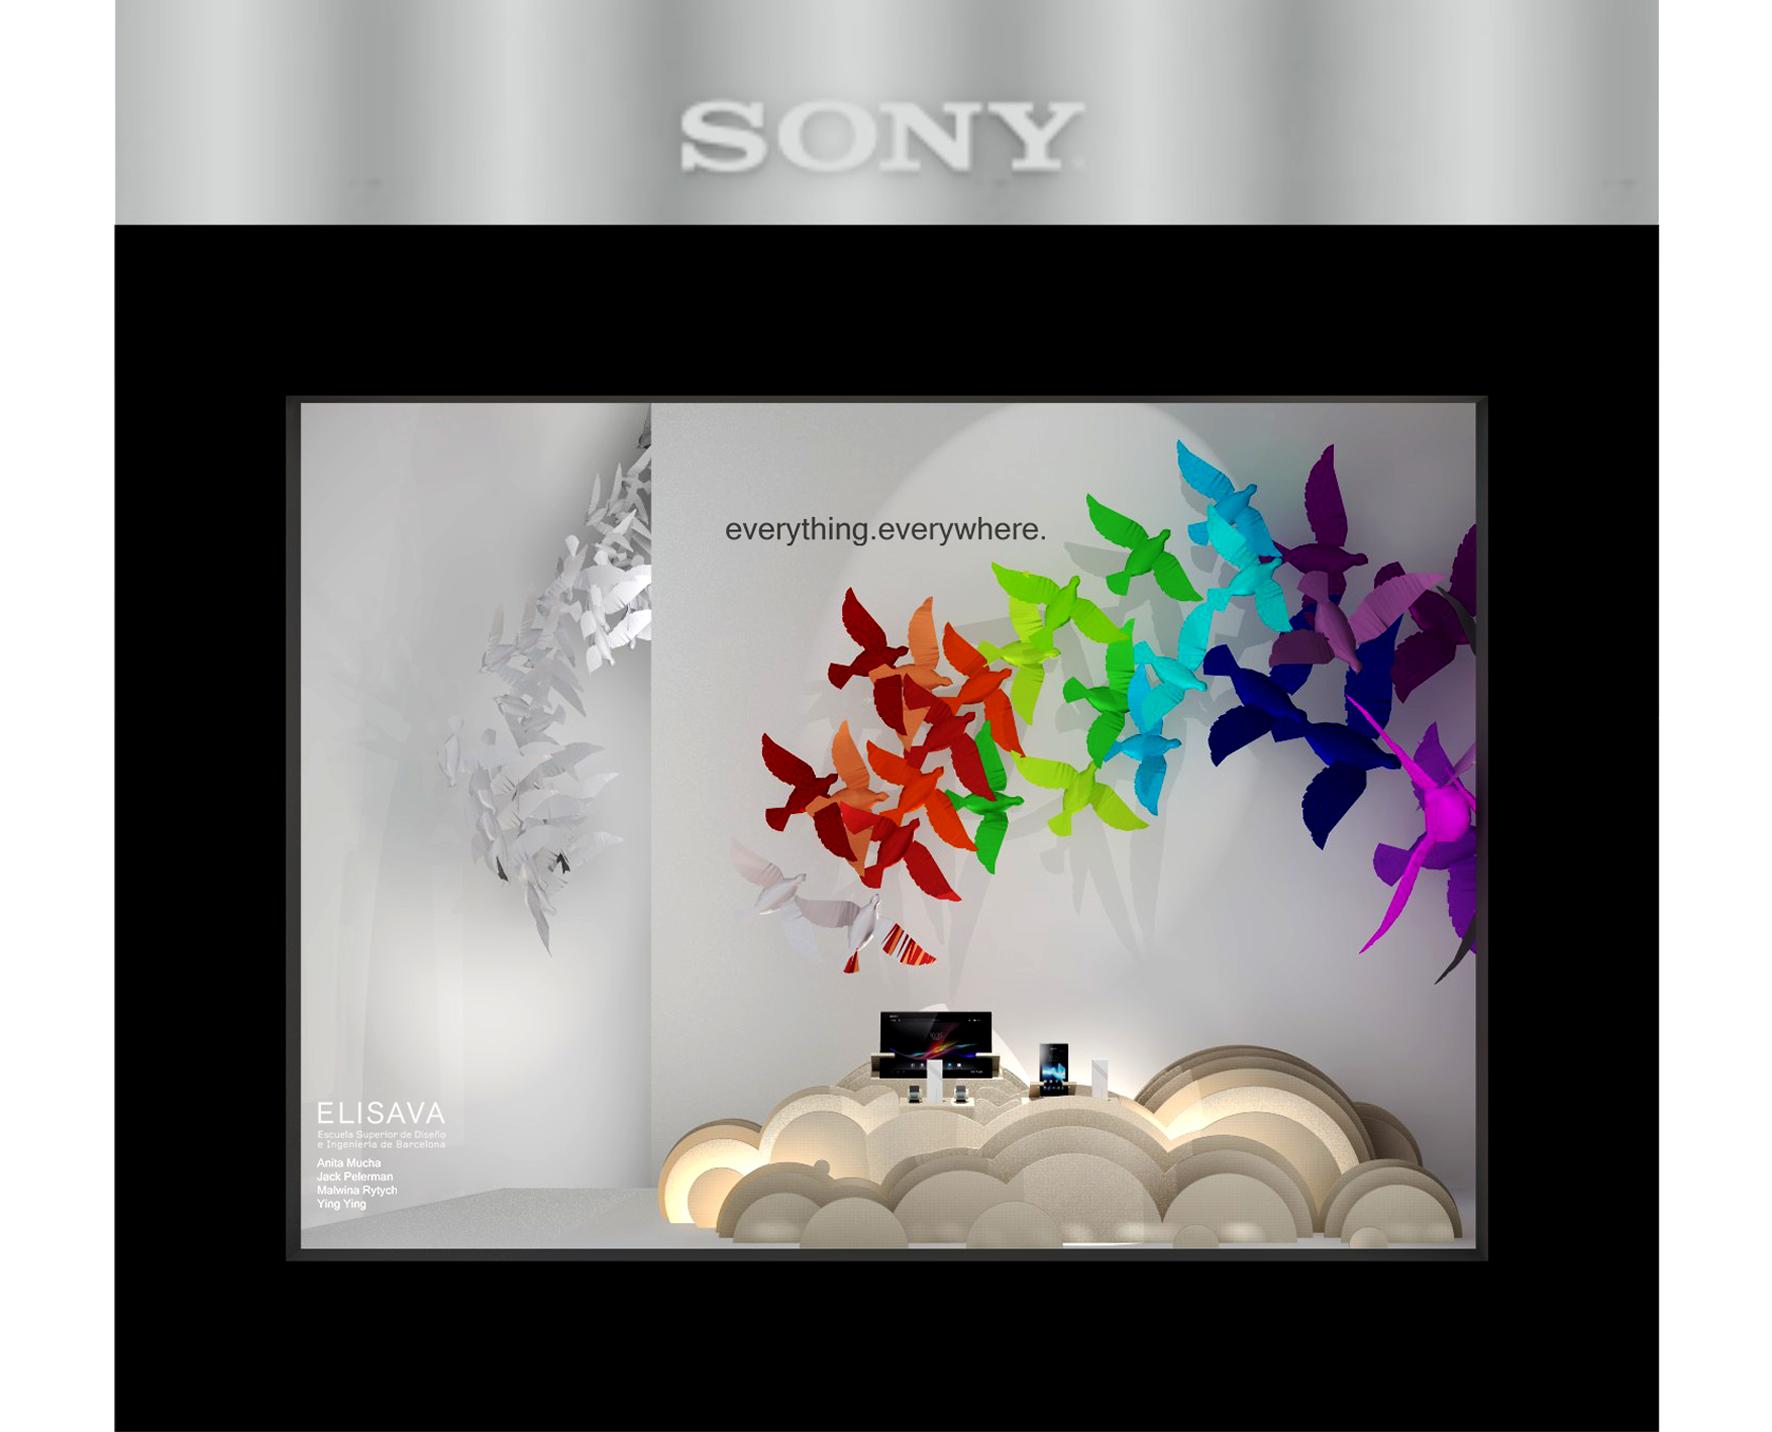 sony-witryna-sklepowa.jpg